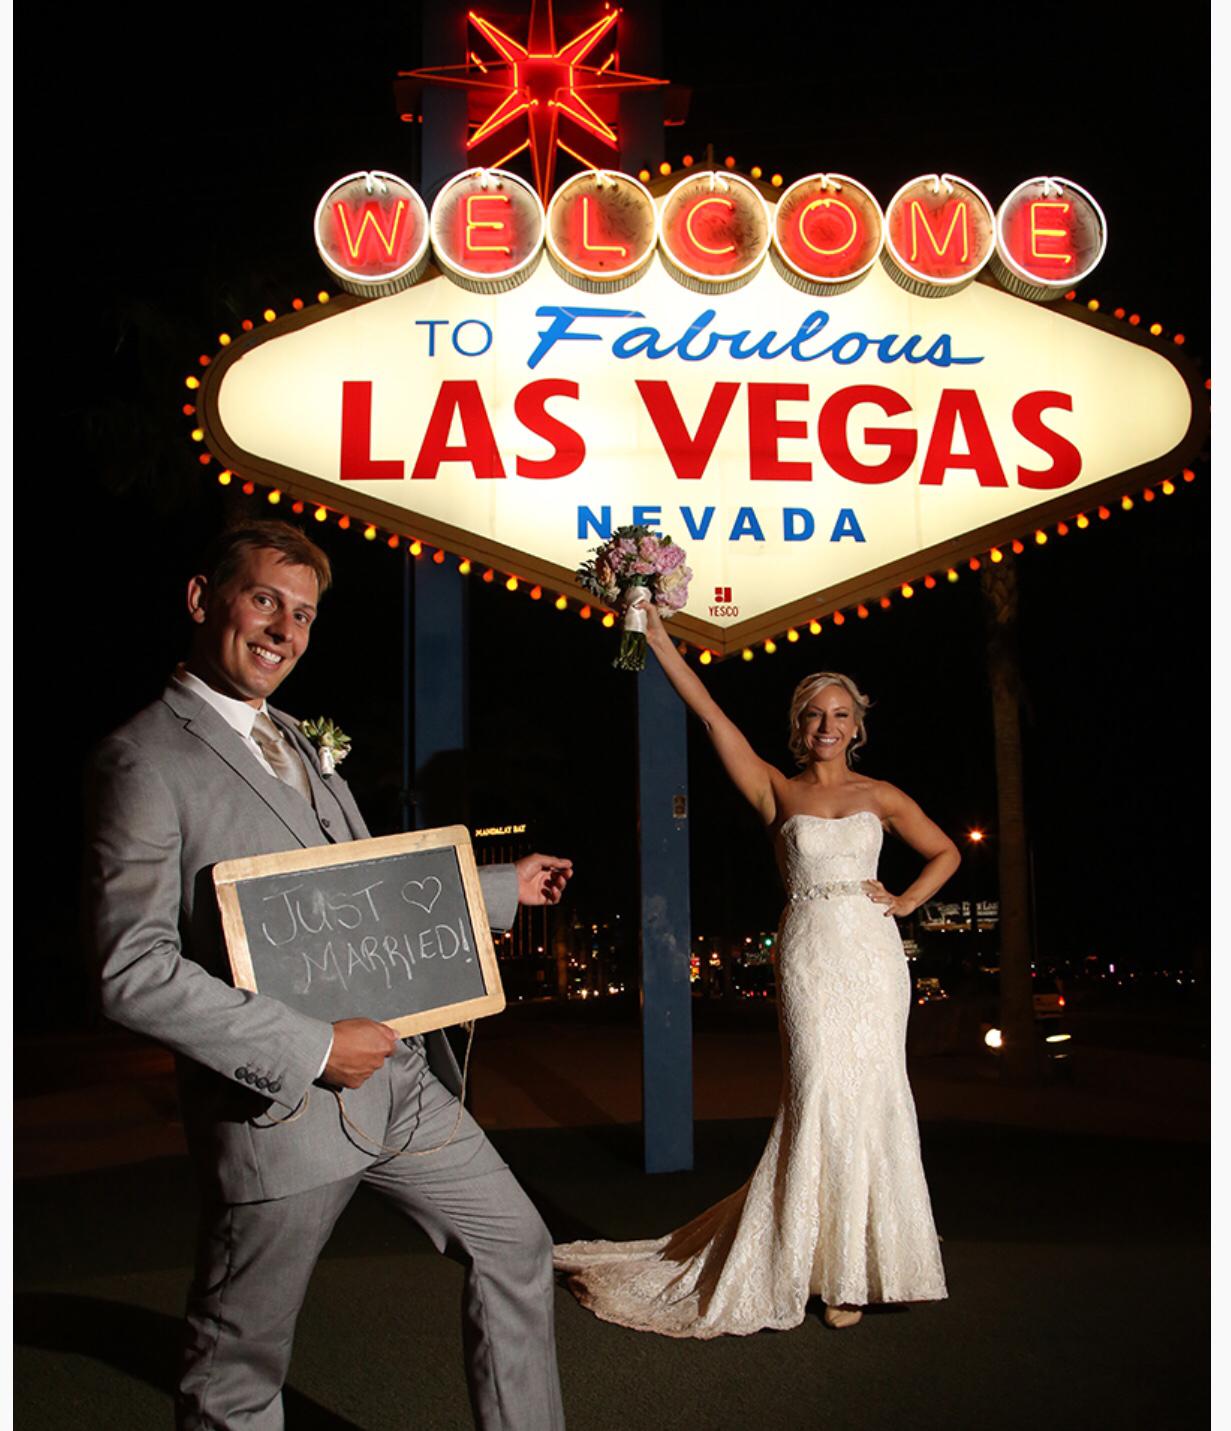 Matrimonio Simbolico Las Vegas : Welcome to las vegas yes we do